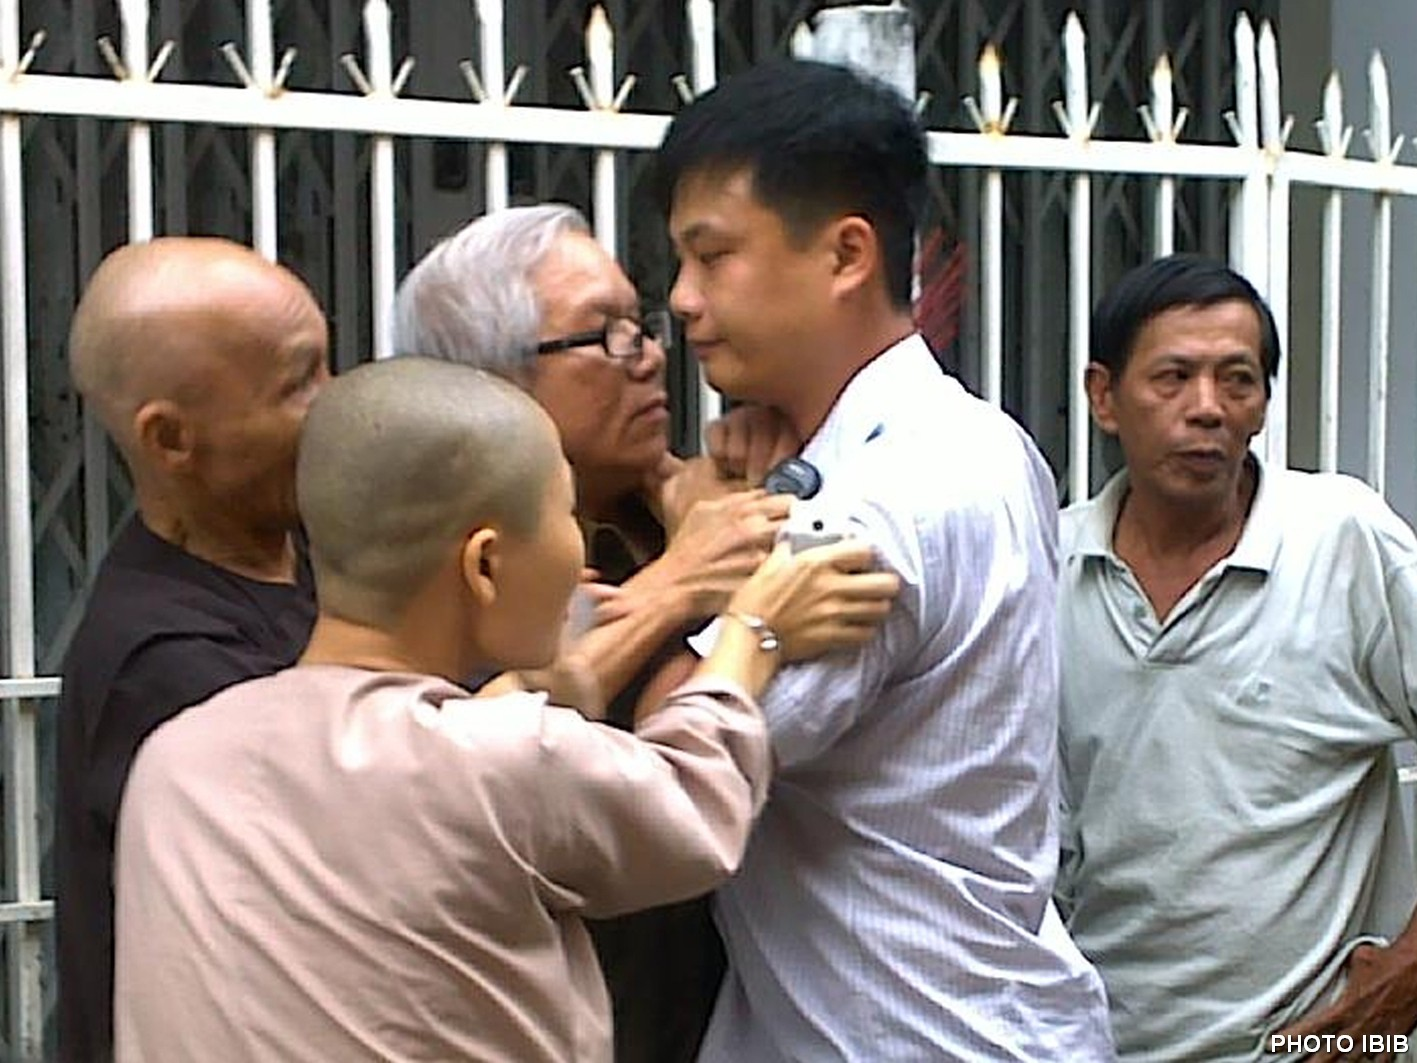 Công an mặc thường phục hành hung Cư sĩ Lê Công Cầu tại chùa Giác Quang ở Đà Nẵng trong một cuộc thăm viếng HT Thích Thanh Quang